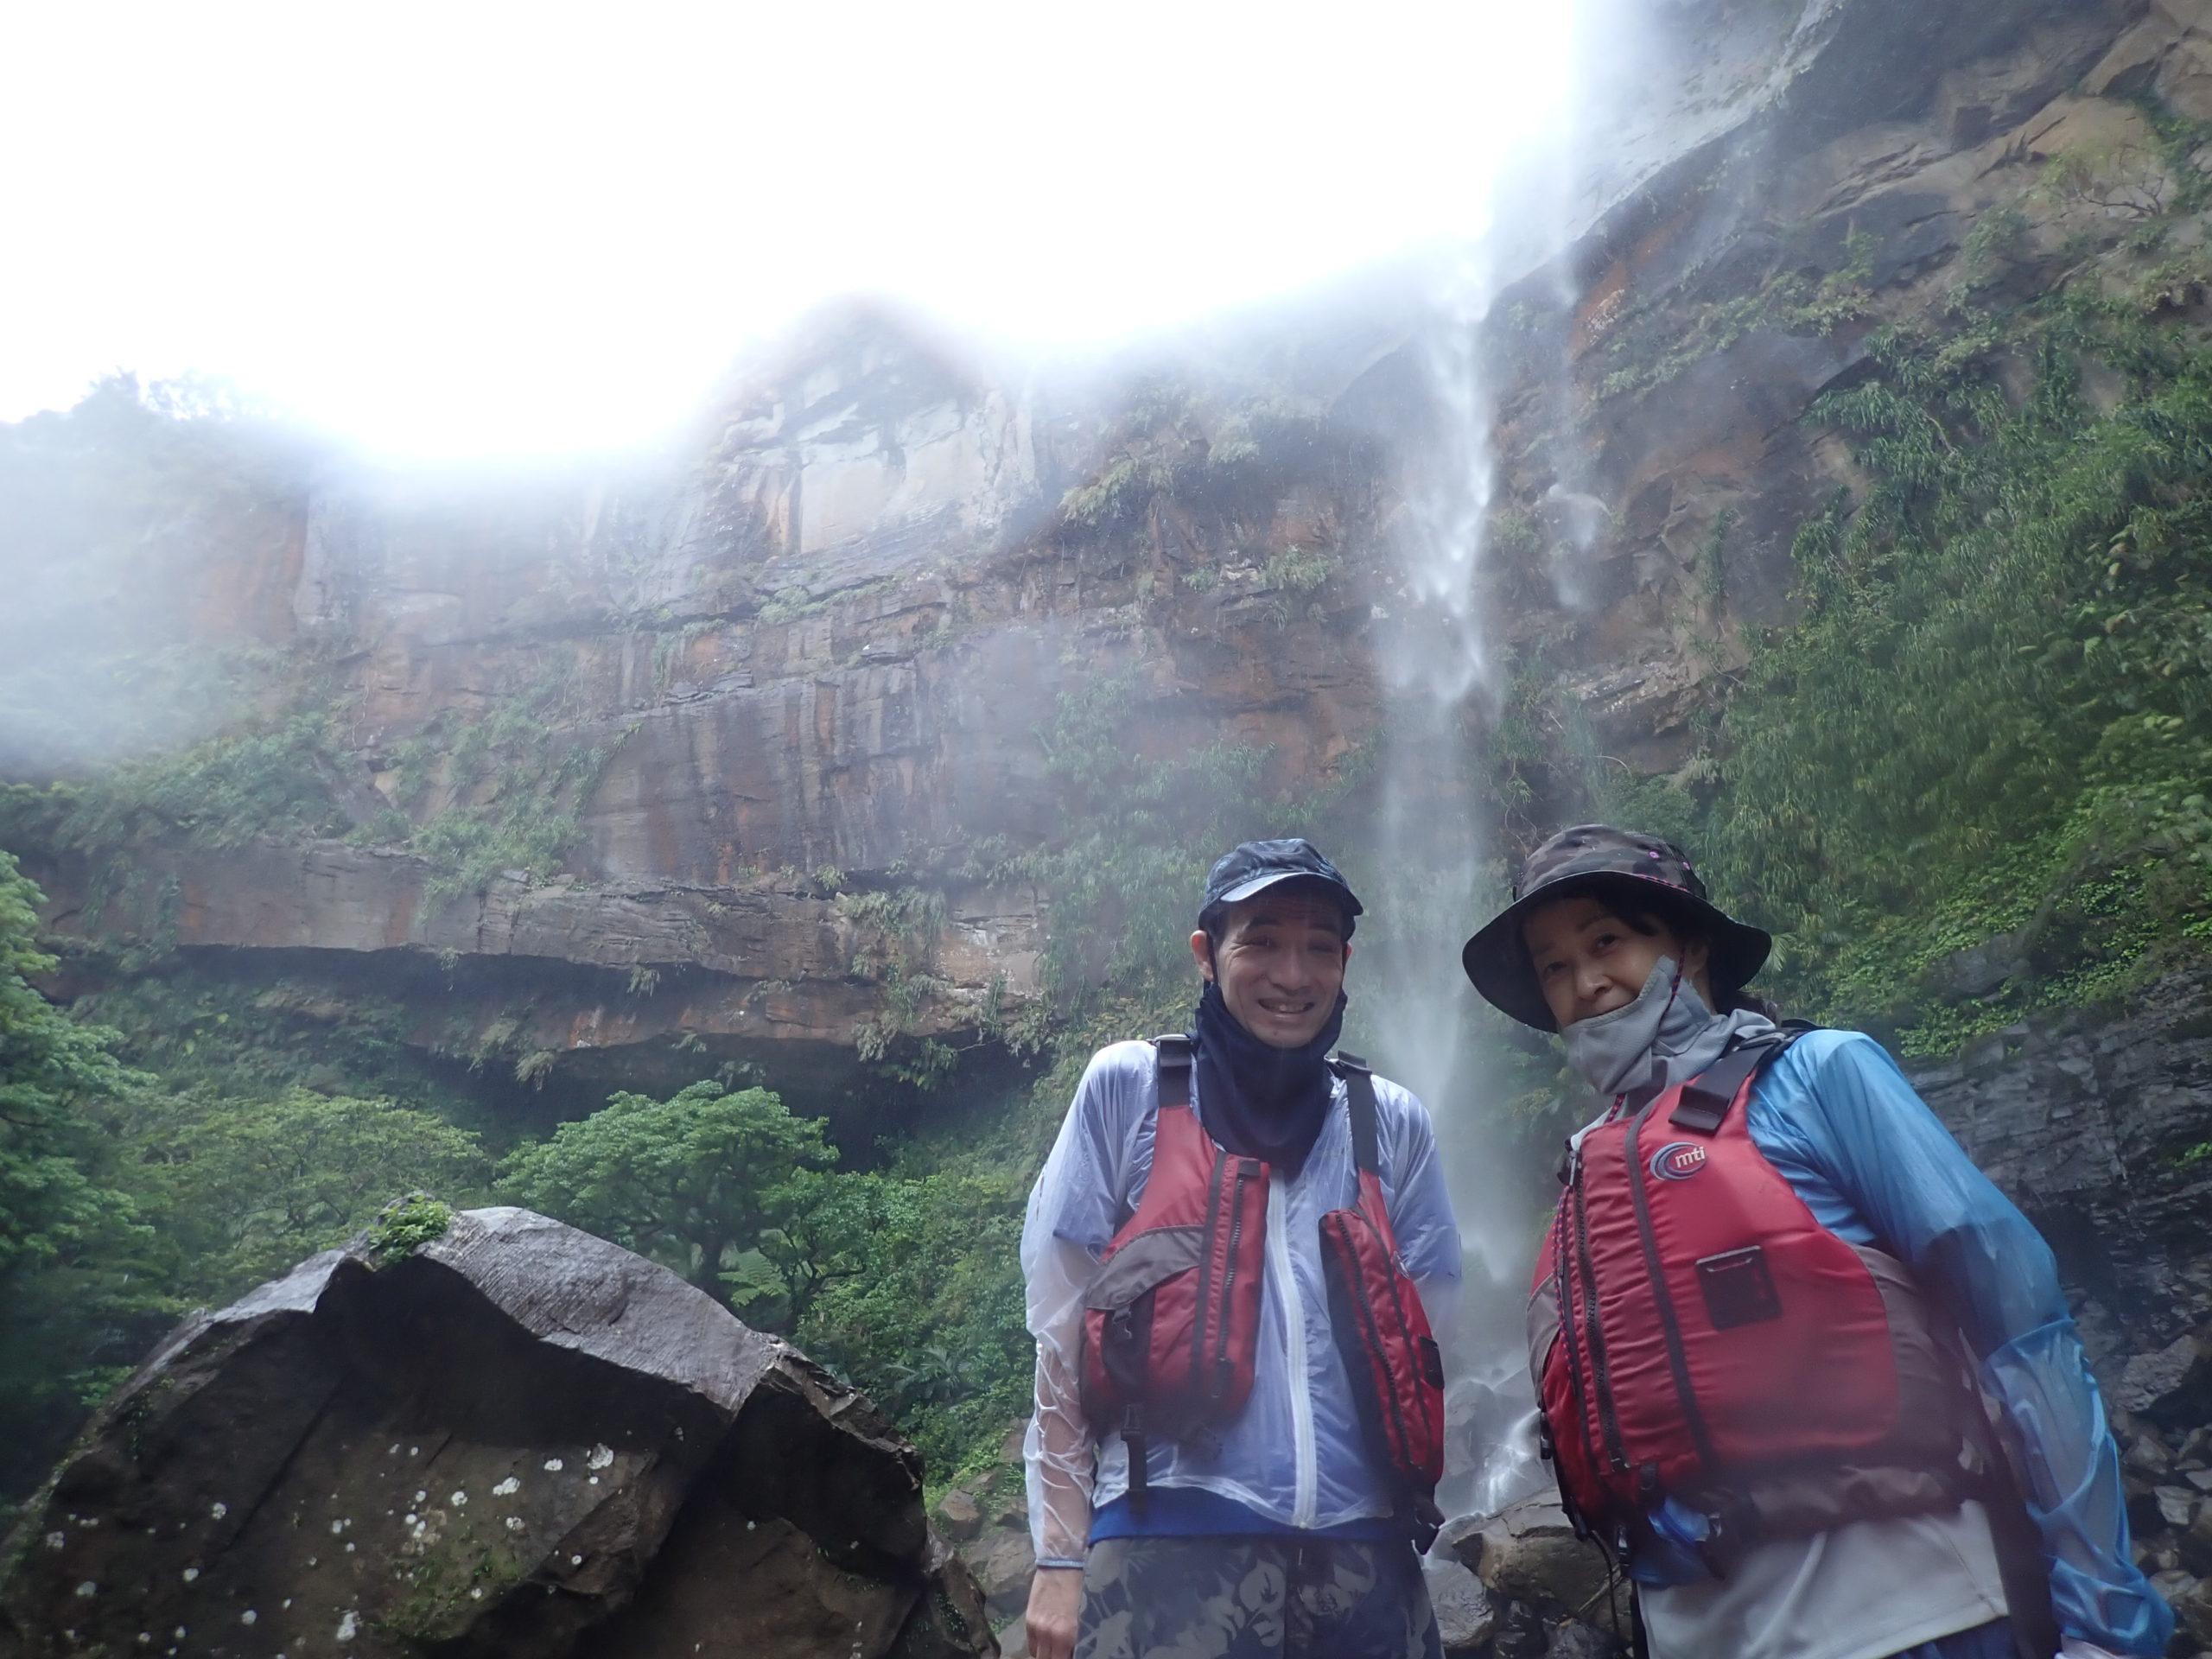 冬が戻ってきた!?これぞジャングル 西表島 ピナイサーラの滝カヌーツアー